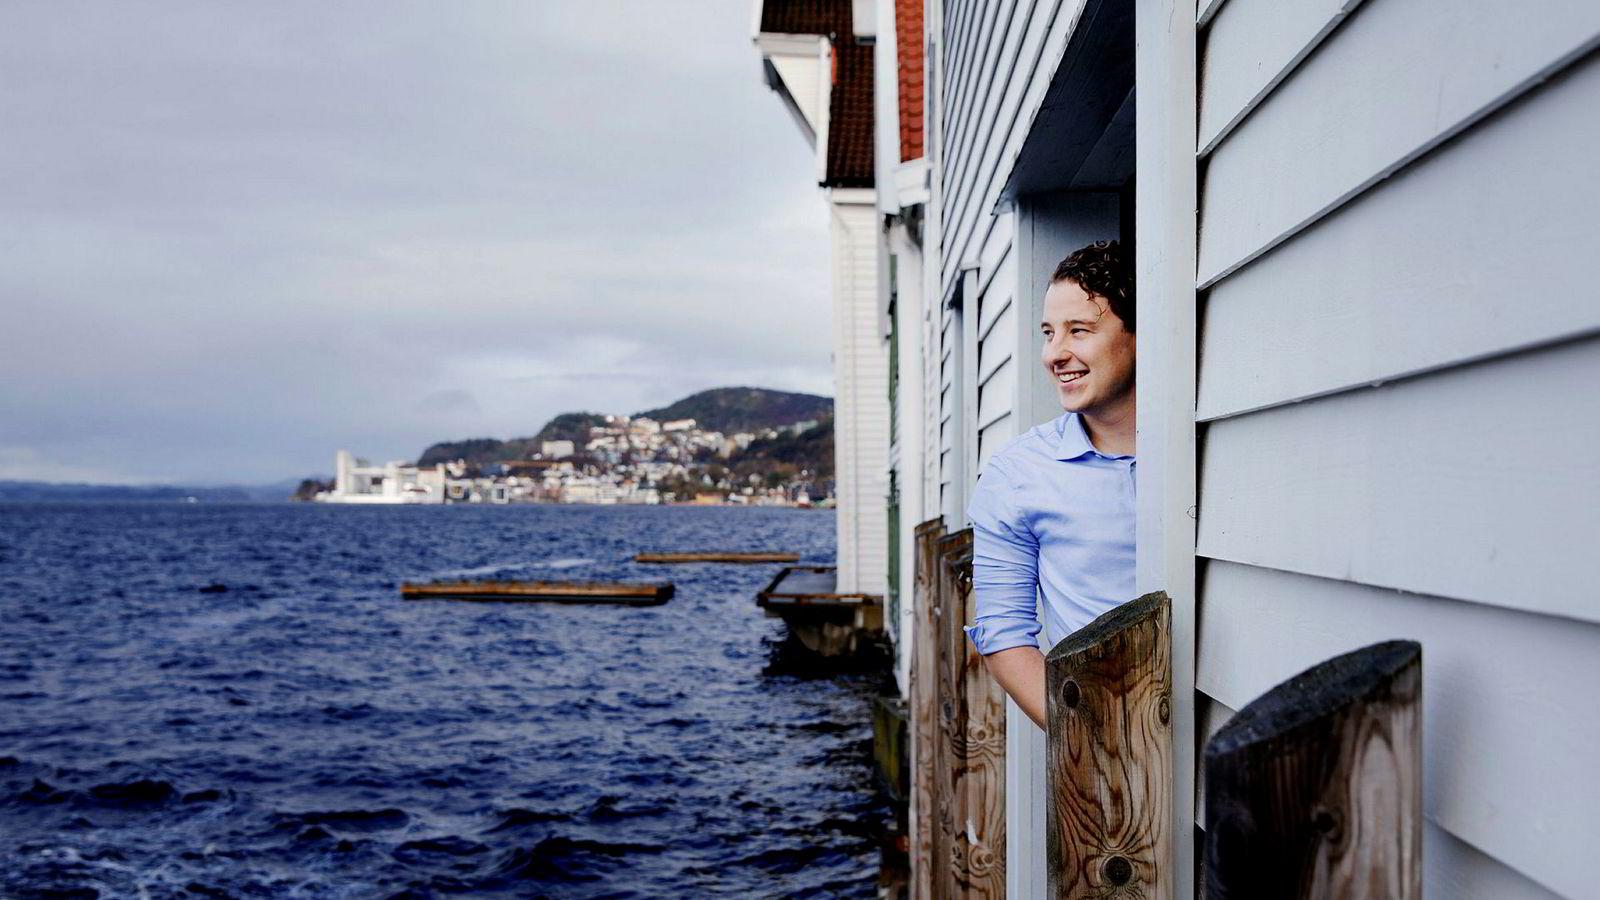 Som nyutdannet startet Erik Dalland et selskap som skulle tilby renholdstjenester via en egen digital plattform. Nå heter selskapet Freska og har hovedkontor i Bergen.